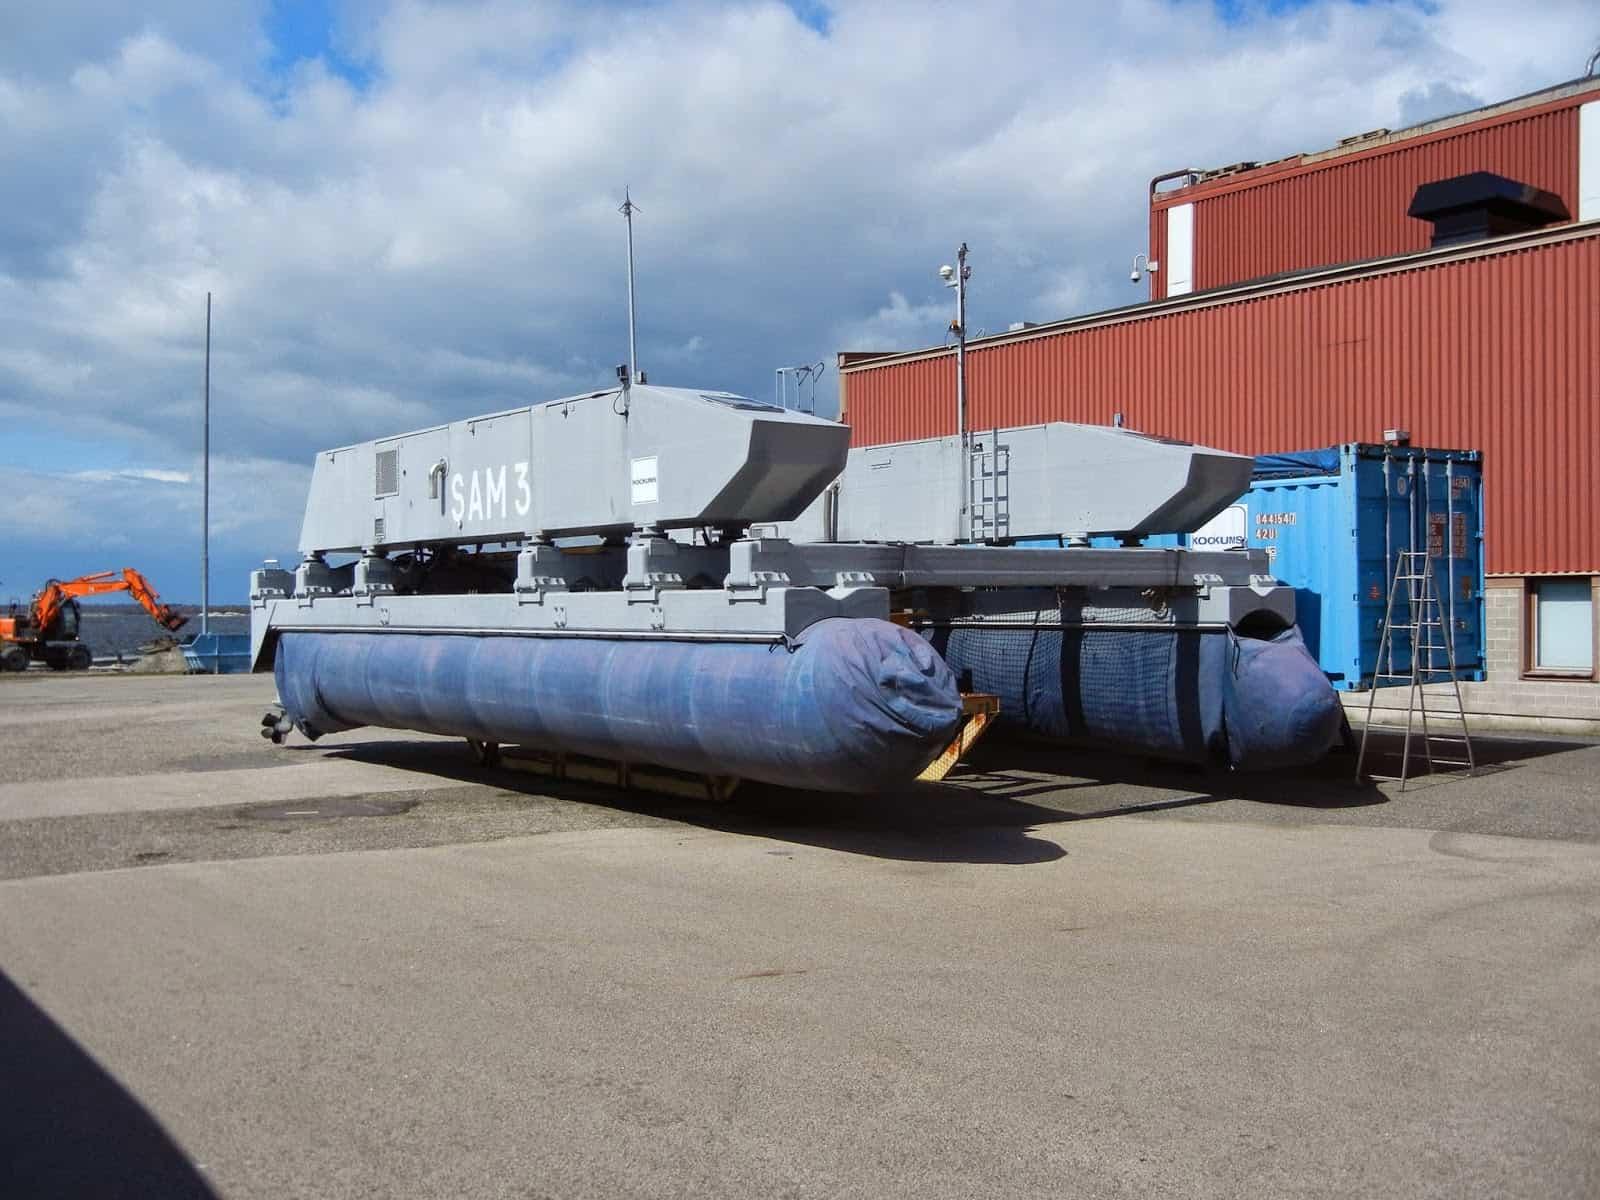 Шведський самохідний трал SAM-3 на березі, в зібраному вигляді (В розібраному вигляді займає один 20-футовий контейнер)